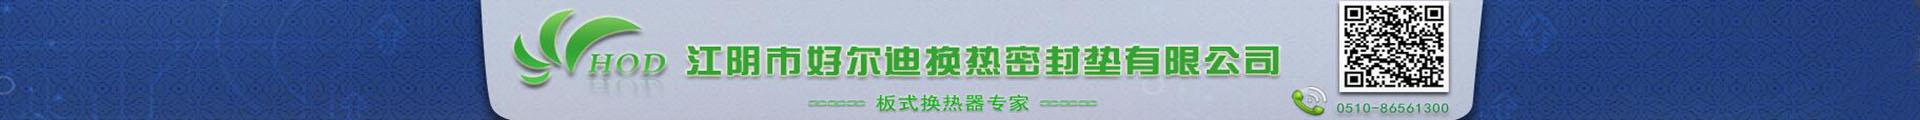 江阴市好尔迪换热密封垫有限公司